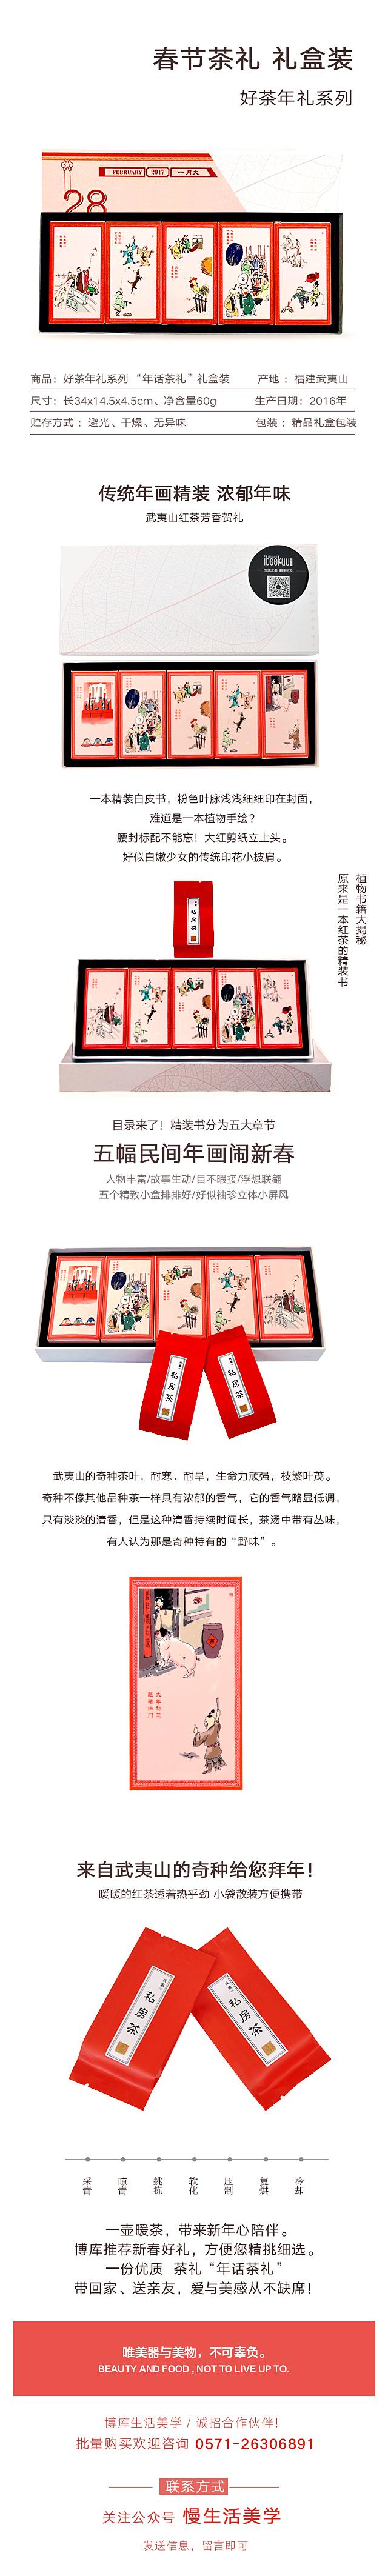 1春节茶礼1-1.jpg